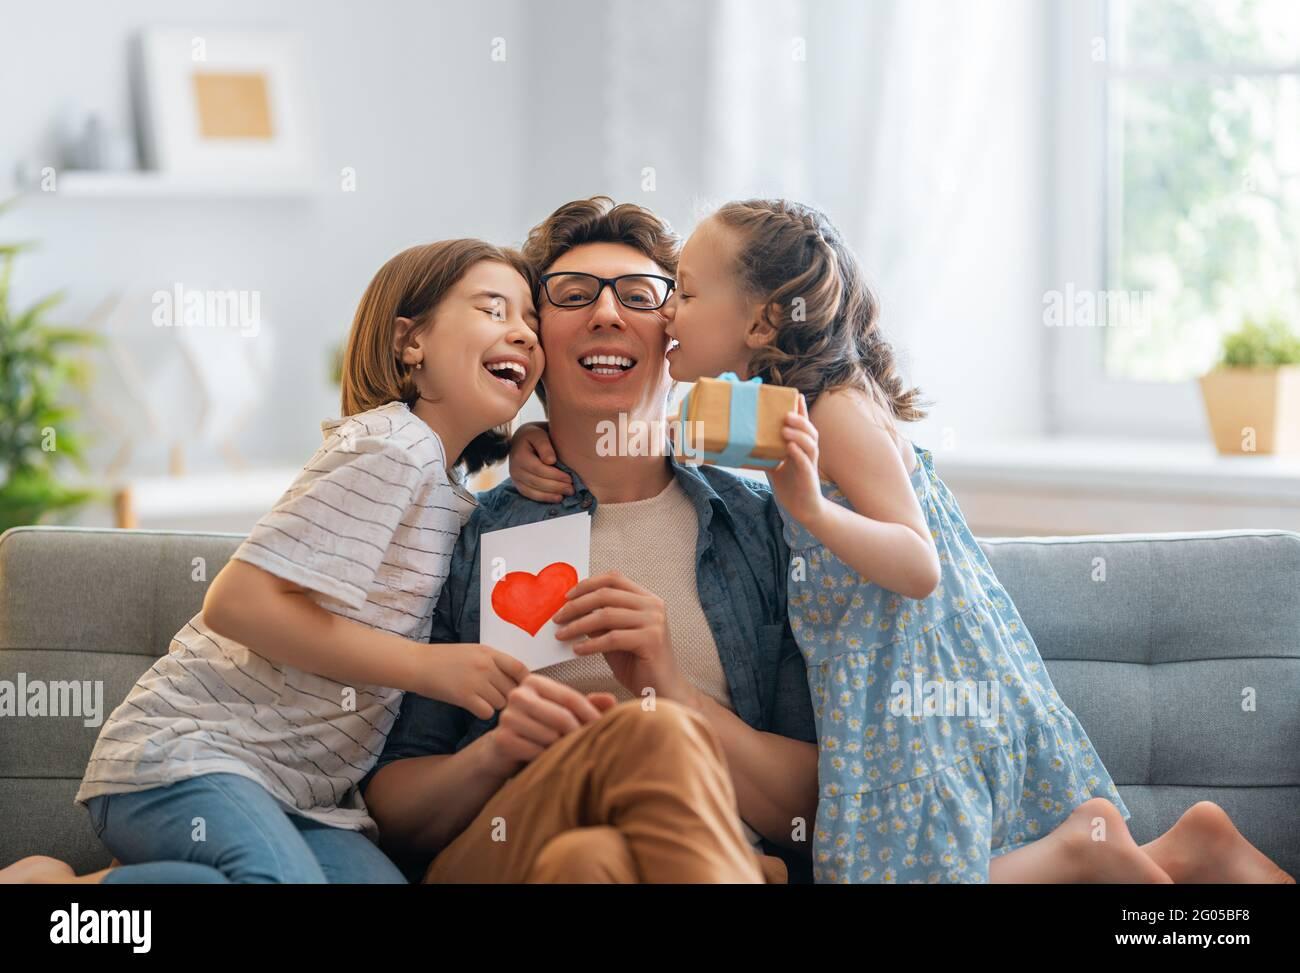 Les enfants filles félicitaient leur père et lui donnent une carte postale. Papa et les filles sont souriantes et embrassantes. Vacances en famille et ensemble. Banque D'Images